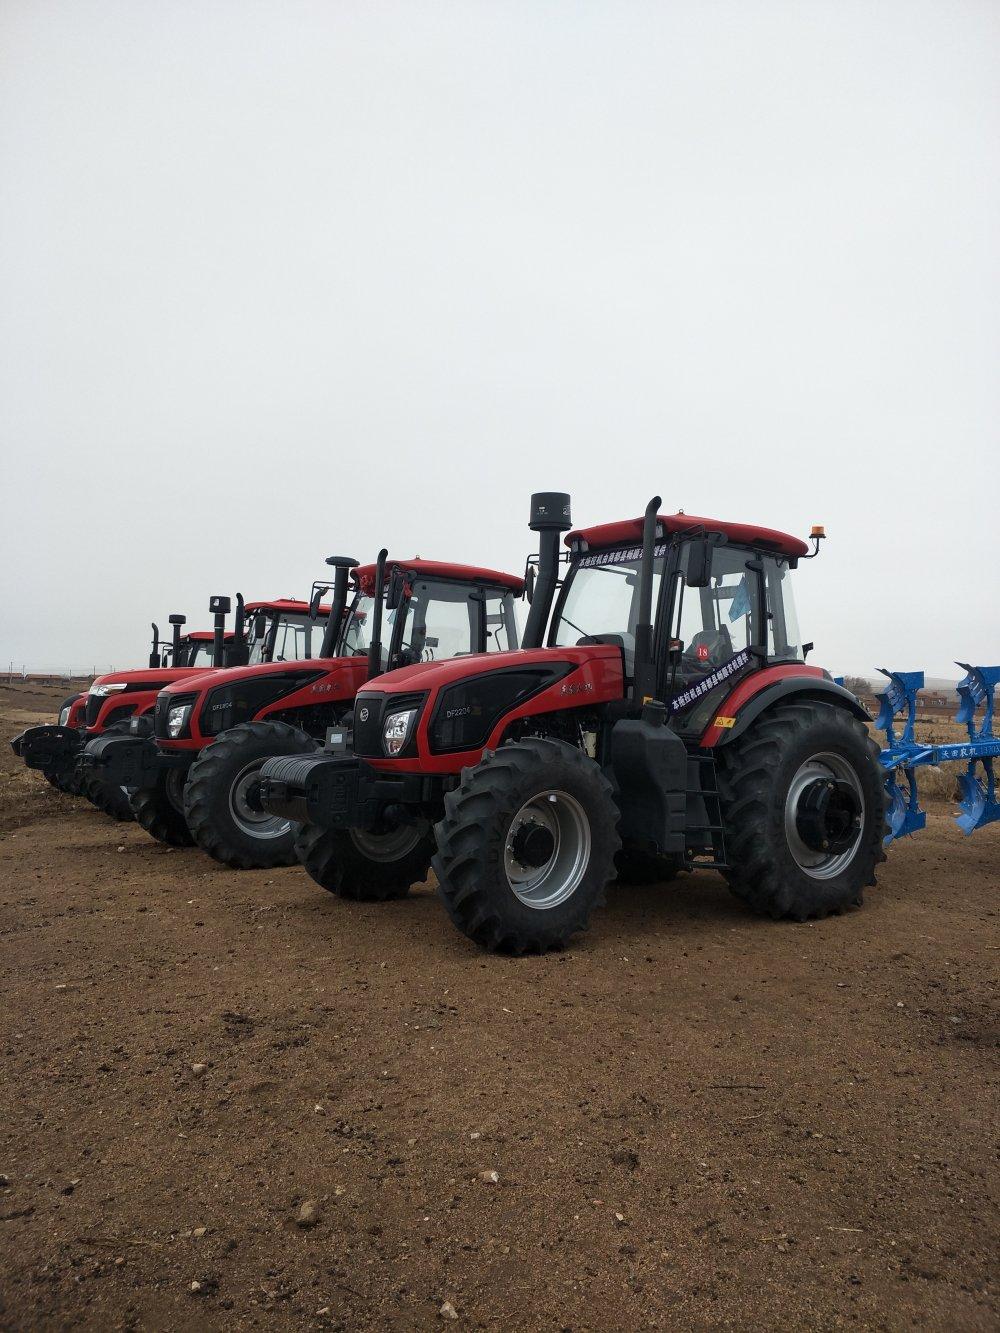 农业机械消费者维权的法律、法规依据